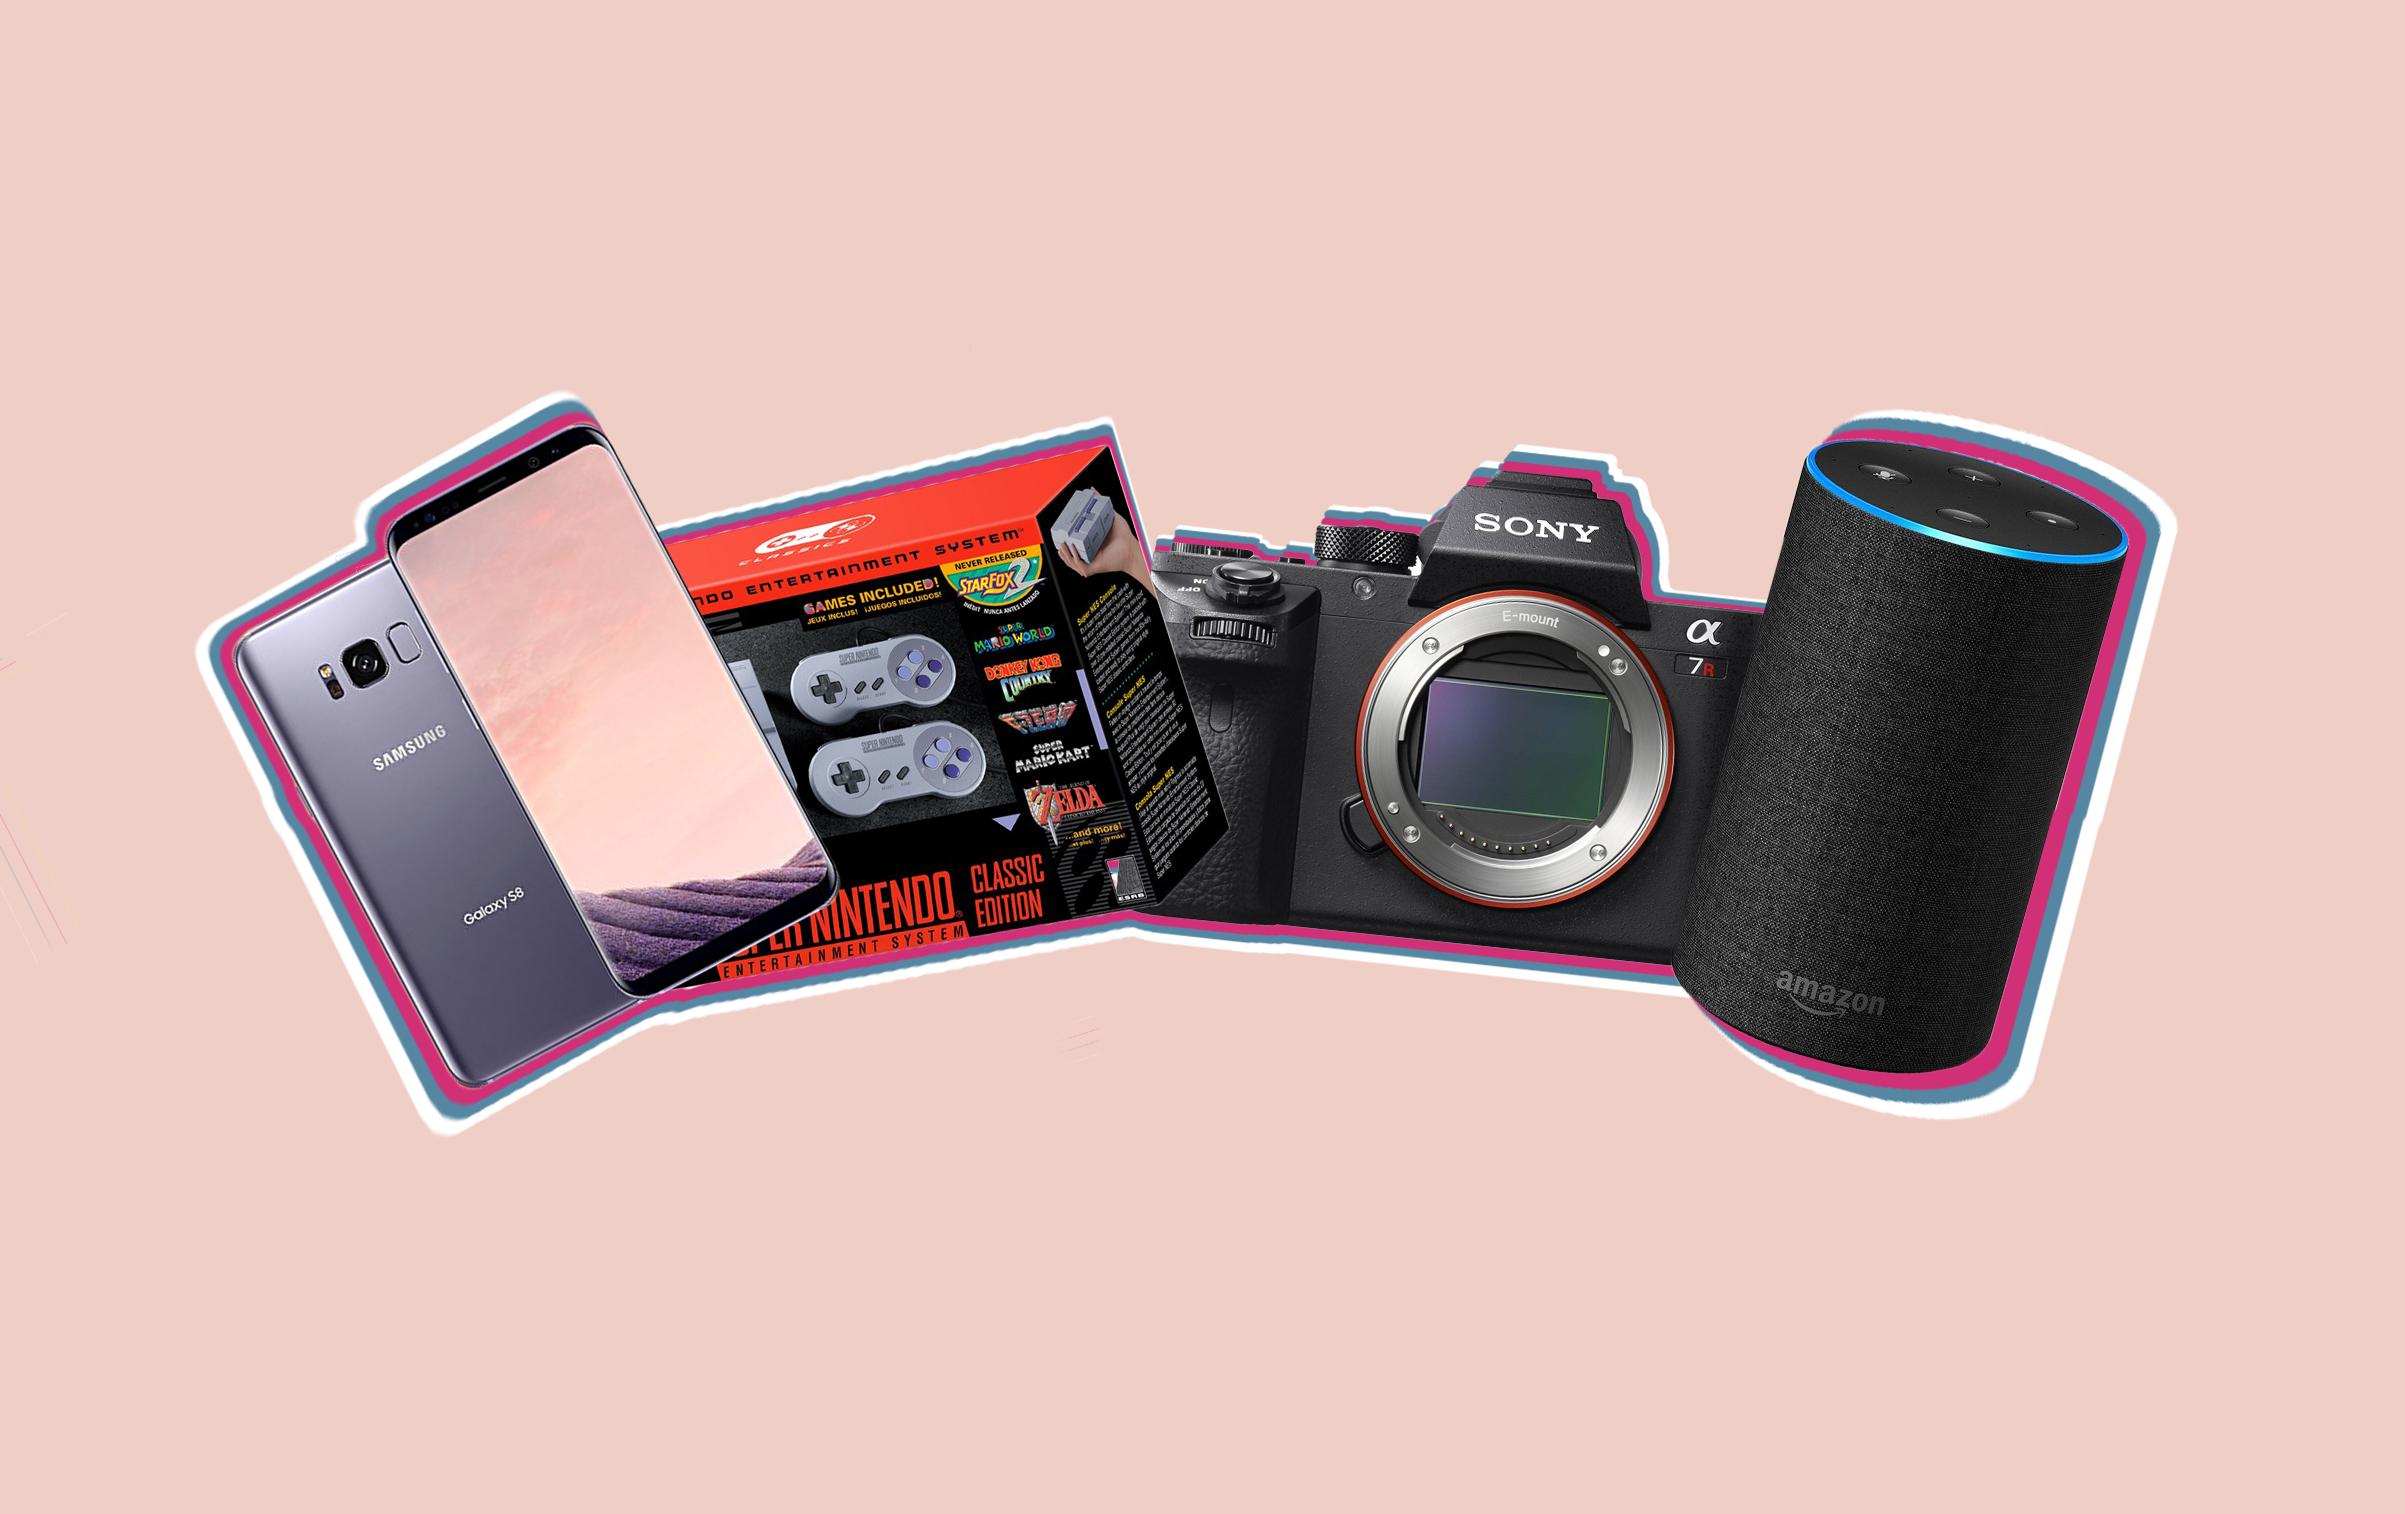 Waterproof Bluetooth Speaker - Less Hassle